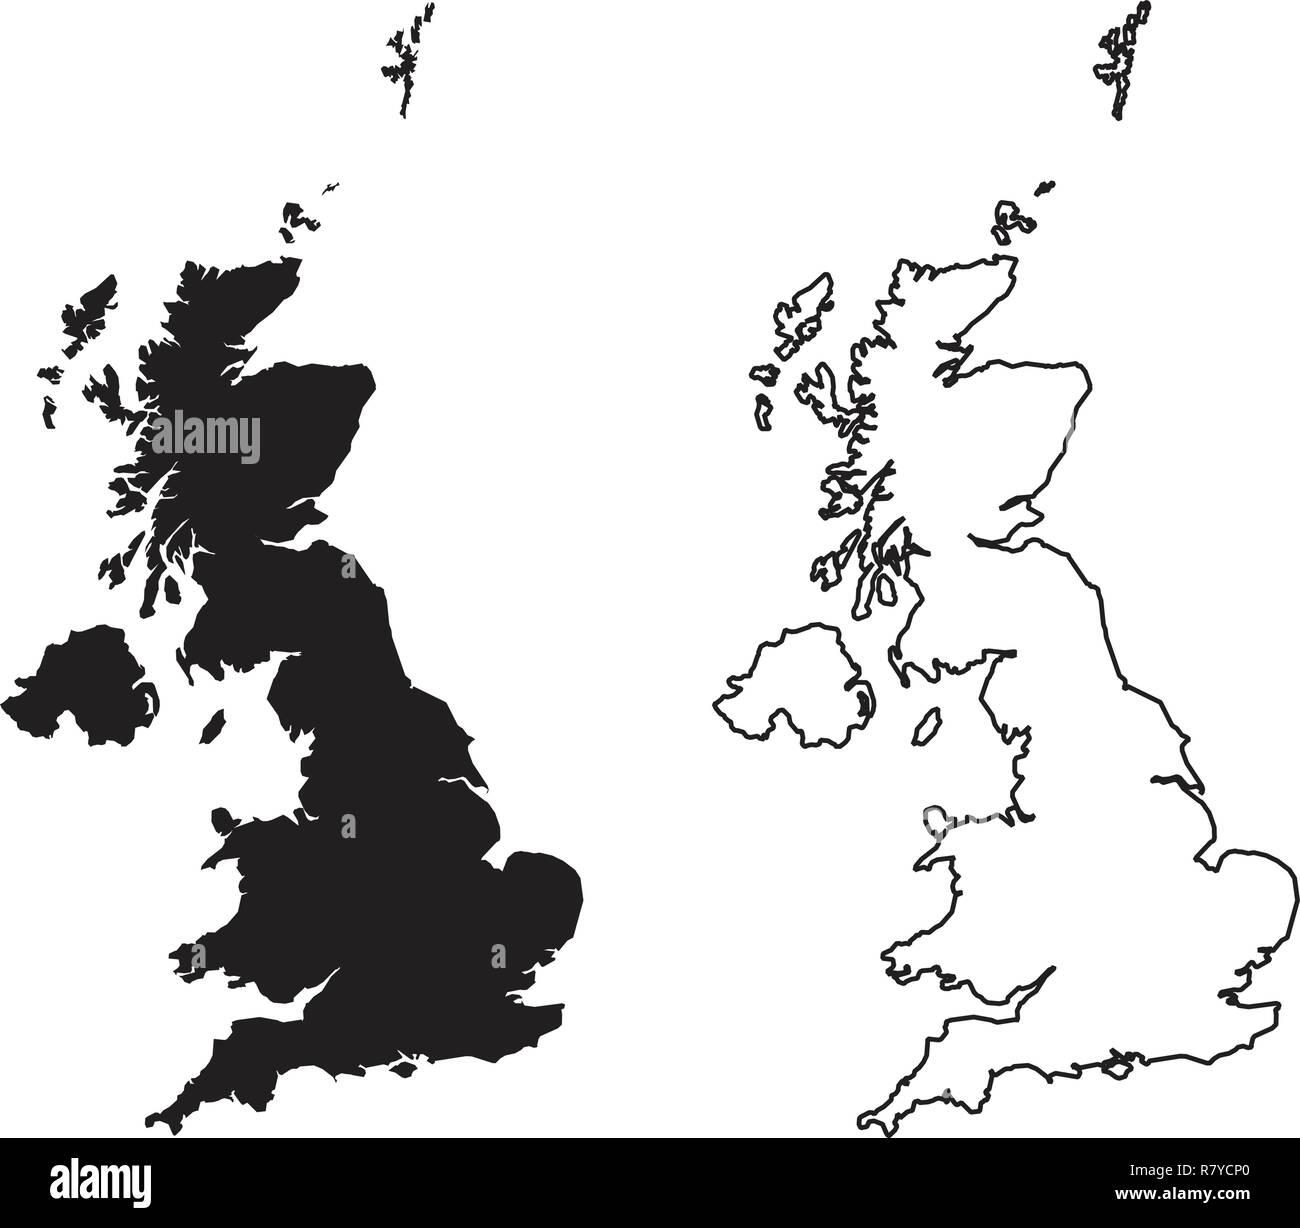 Großbritannien Karte Umriss.Einfach Nur Scharfe Ecken Karte Von Vereinigtes Königreich Von